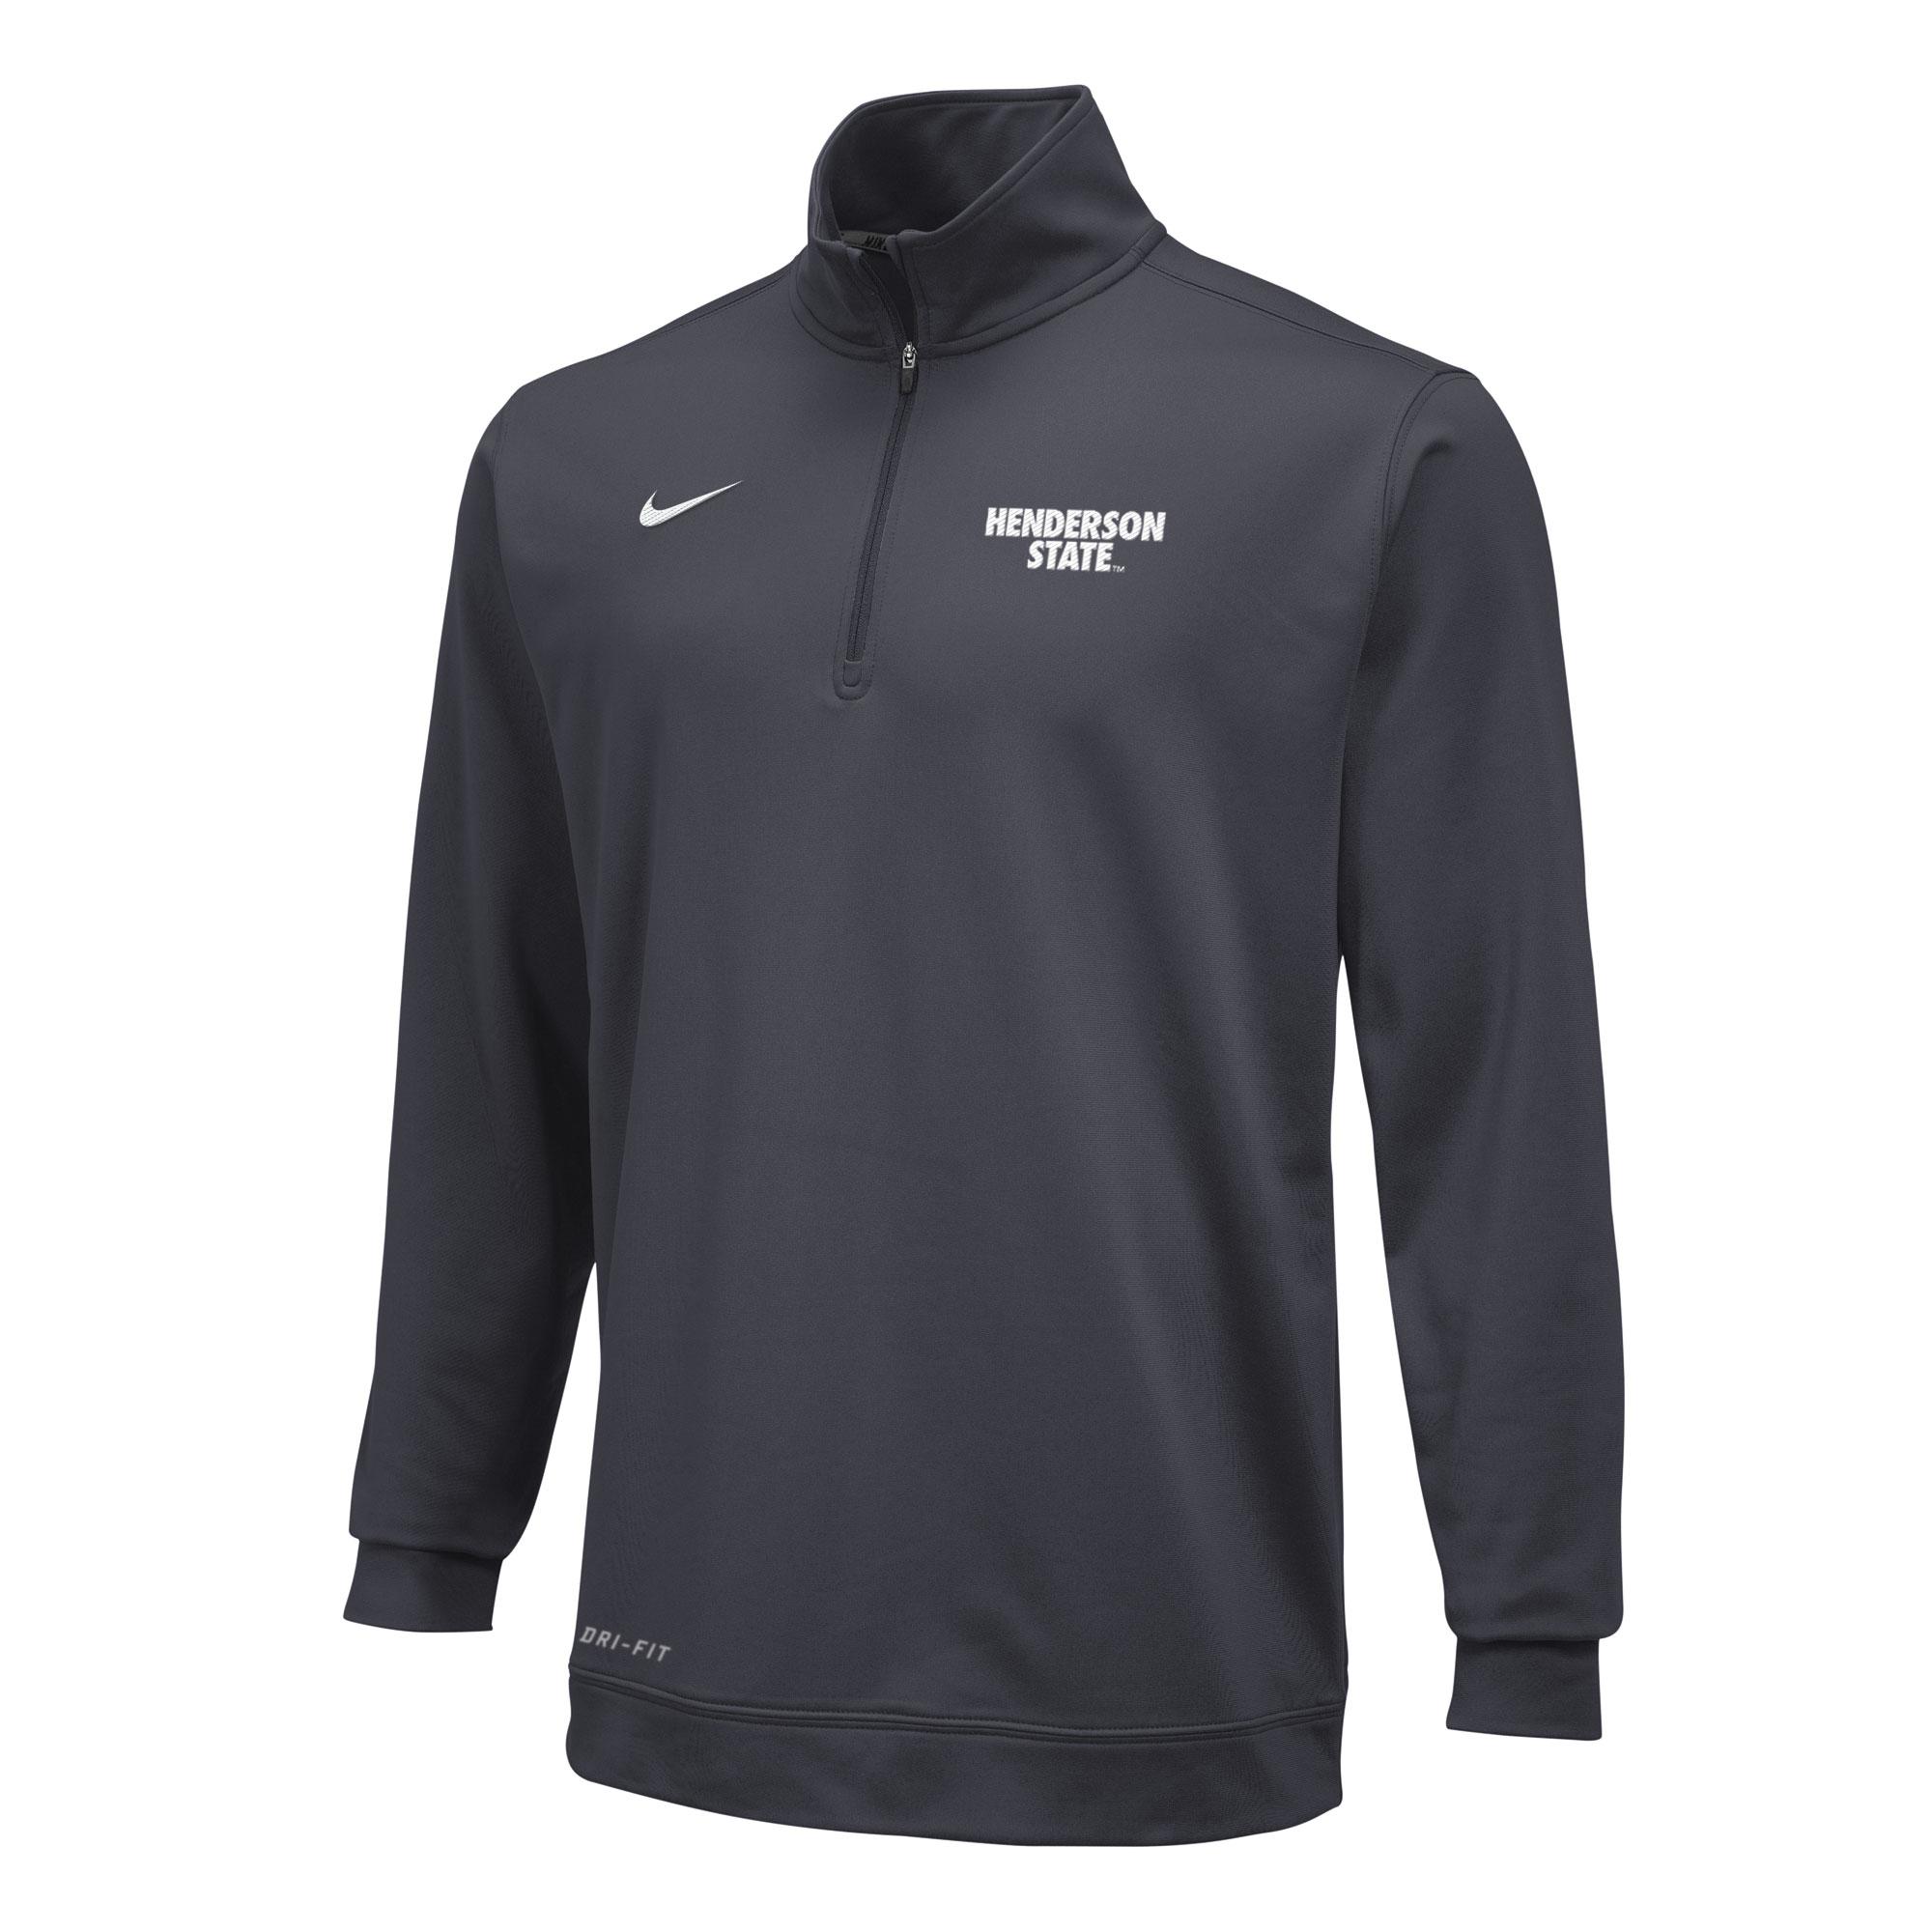 Nike Dri-Fit 1/4 Zip Top